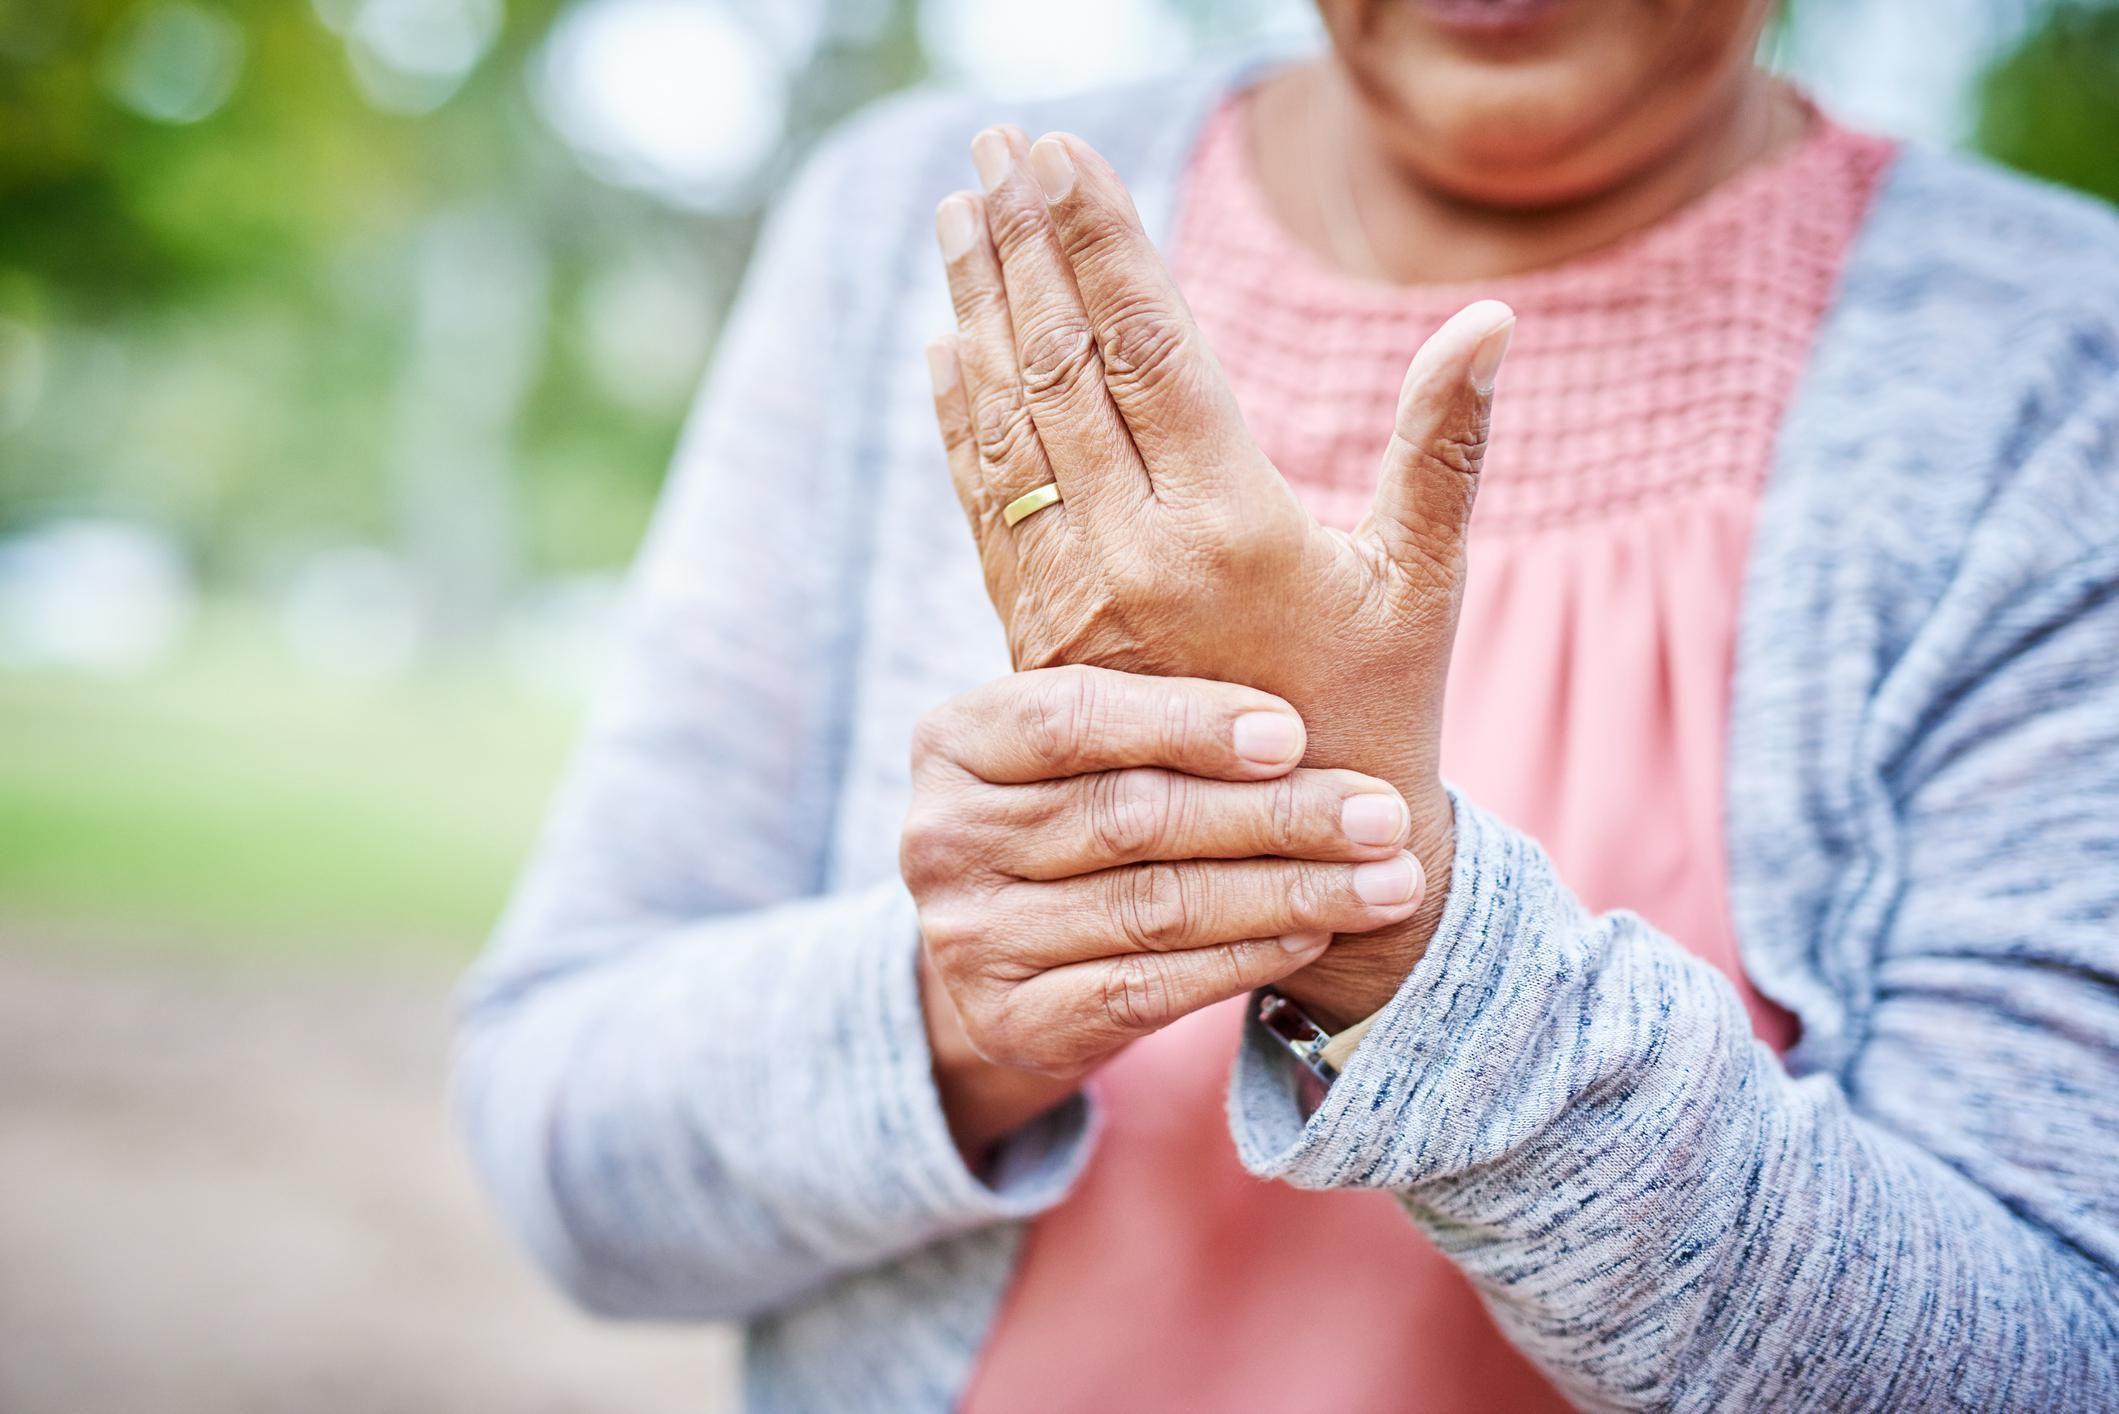 Causas osteoporosis